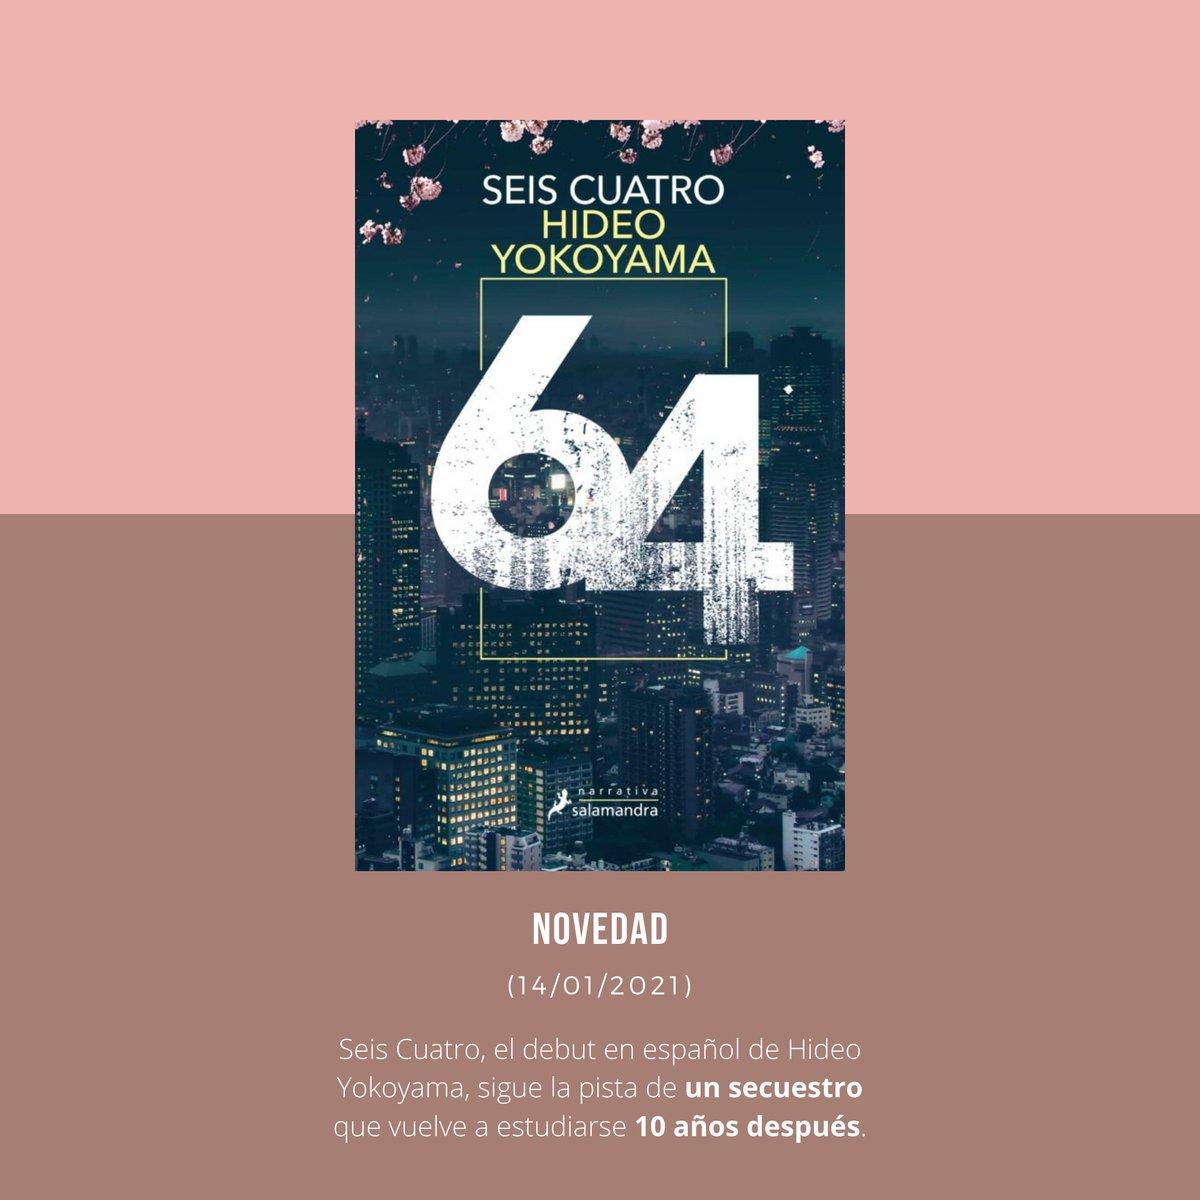 También cabe destacar el debut de dos autores en español 👏  Hideo Yokoyama, con su obra Seis Cuatro, narra el estudio de un secuestro 10 años después de que se produjera y se cerrara el caso.  Por otra parte, Alix E. Harrow se presenta con una novela de género fantástico. https://t.co/88zksY0OgU